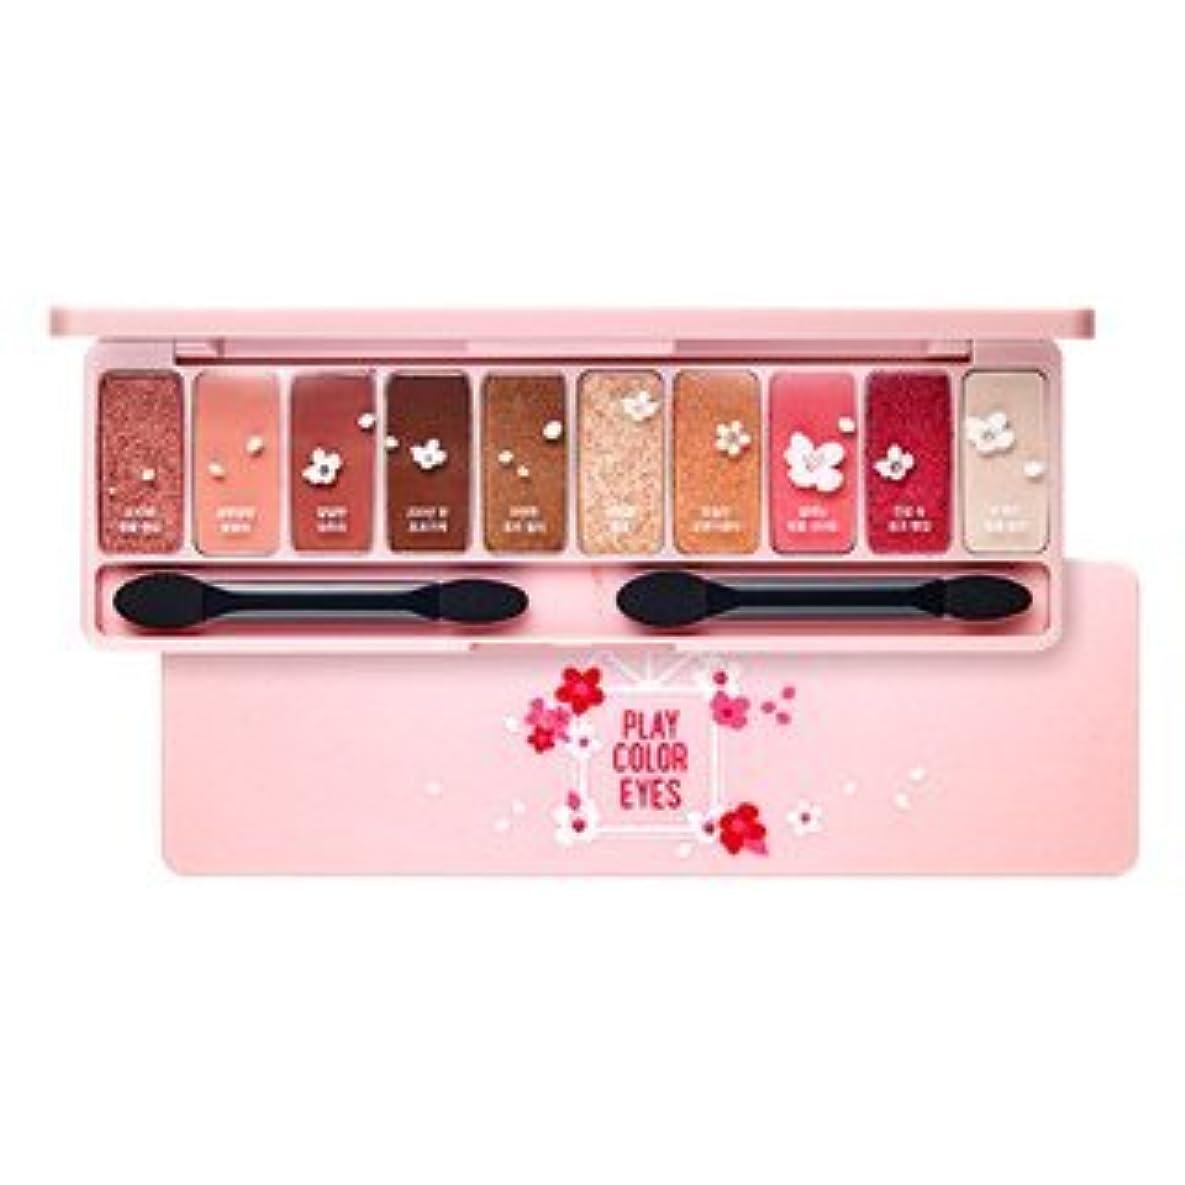 著者反逆者フルーツ野菜ETUDE HOUSE Play Color Eyes Cherry Blossom / エチュードハウス プレイカラーアイズチェリーブロッサム 1g x10